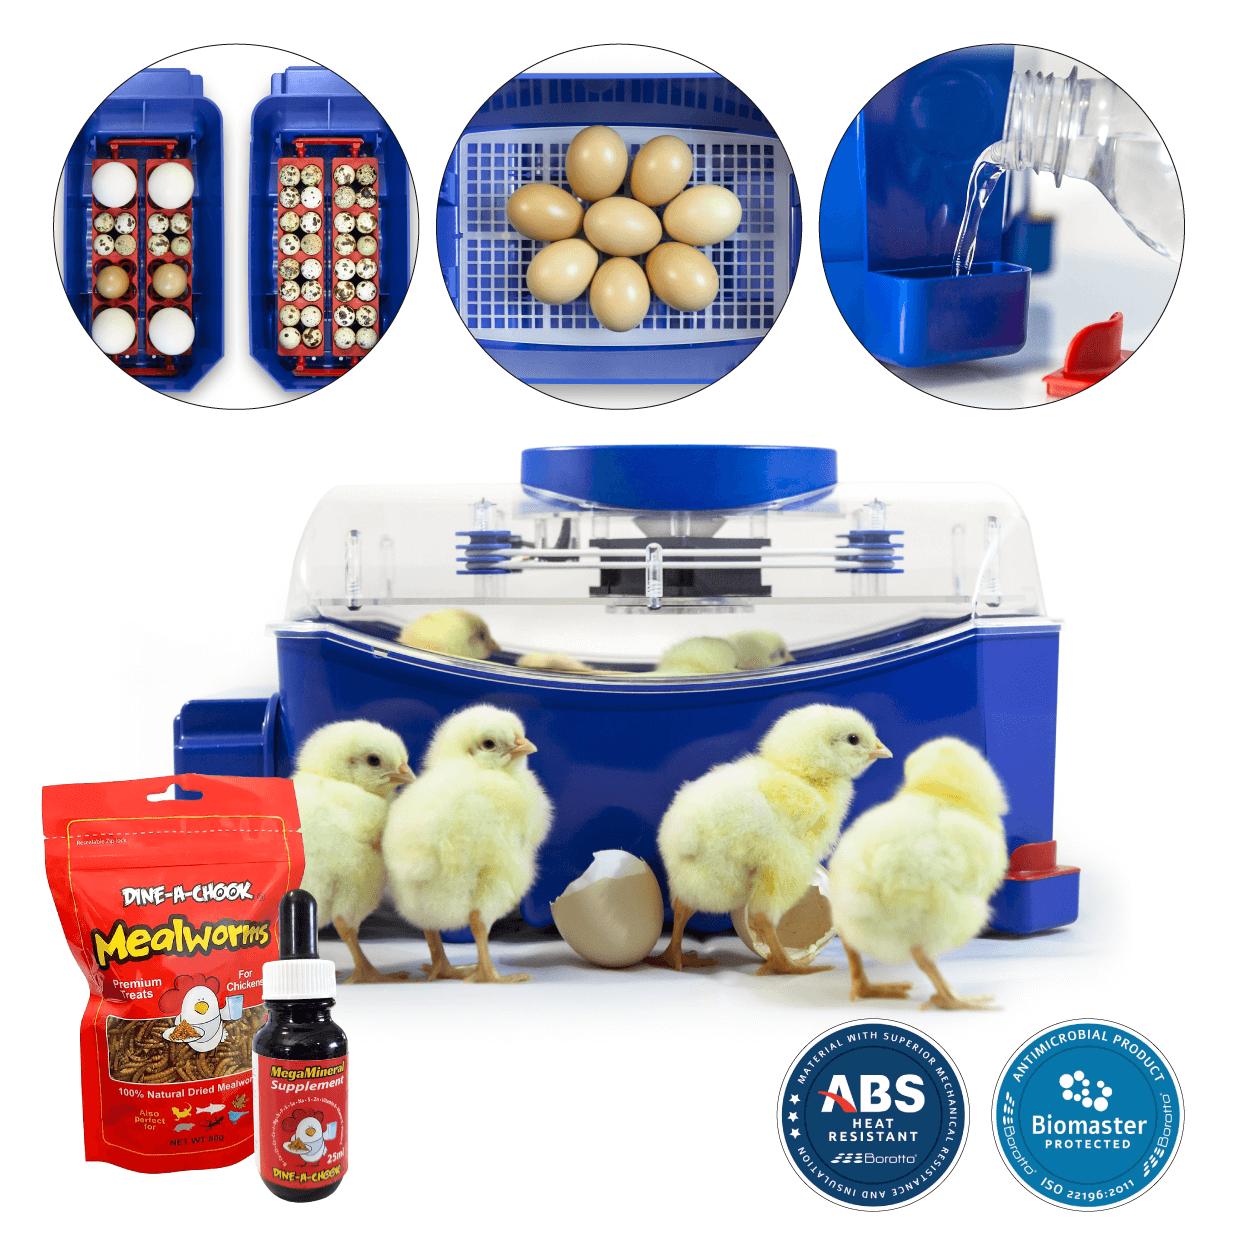 borotto-lumia-8-automatic-egg-incubator-1-.png